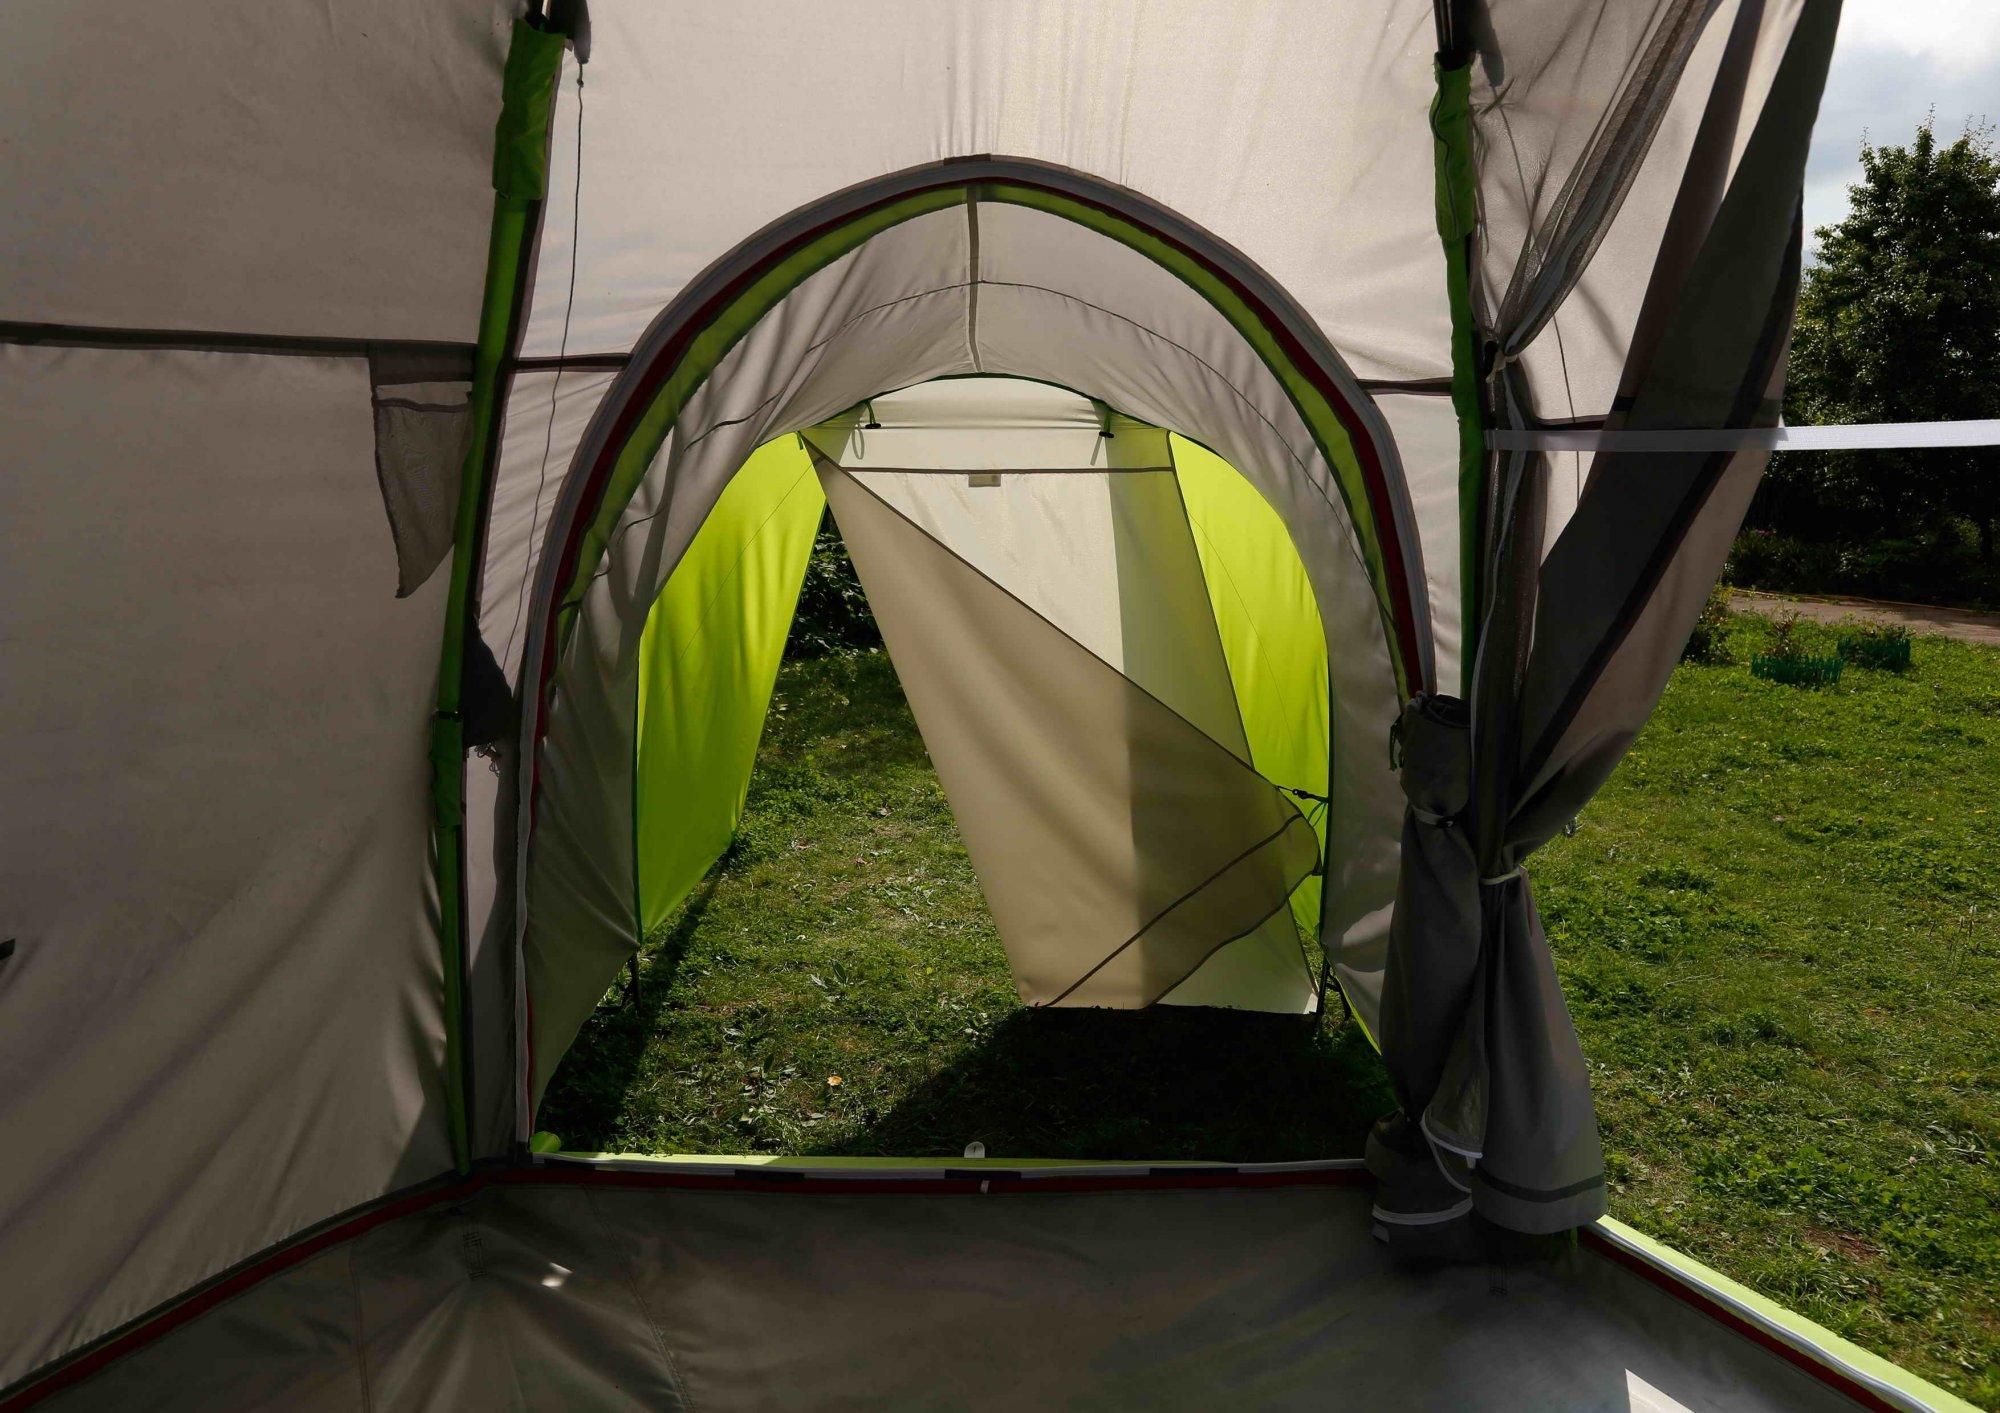 Тамбур для туристической палатки ЛОТОС 5 Универсал Спорт